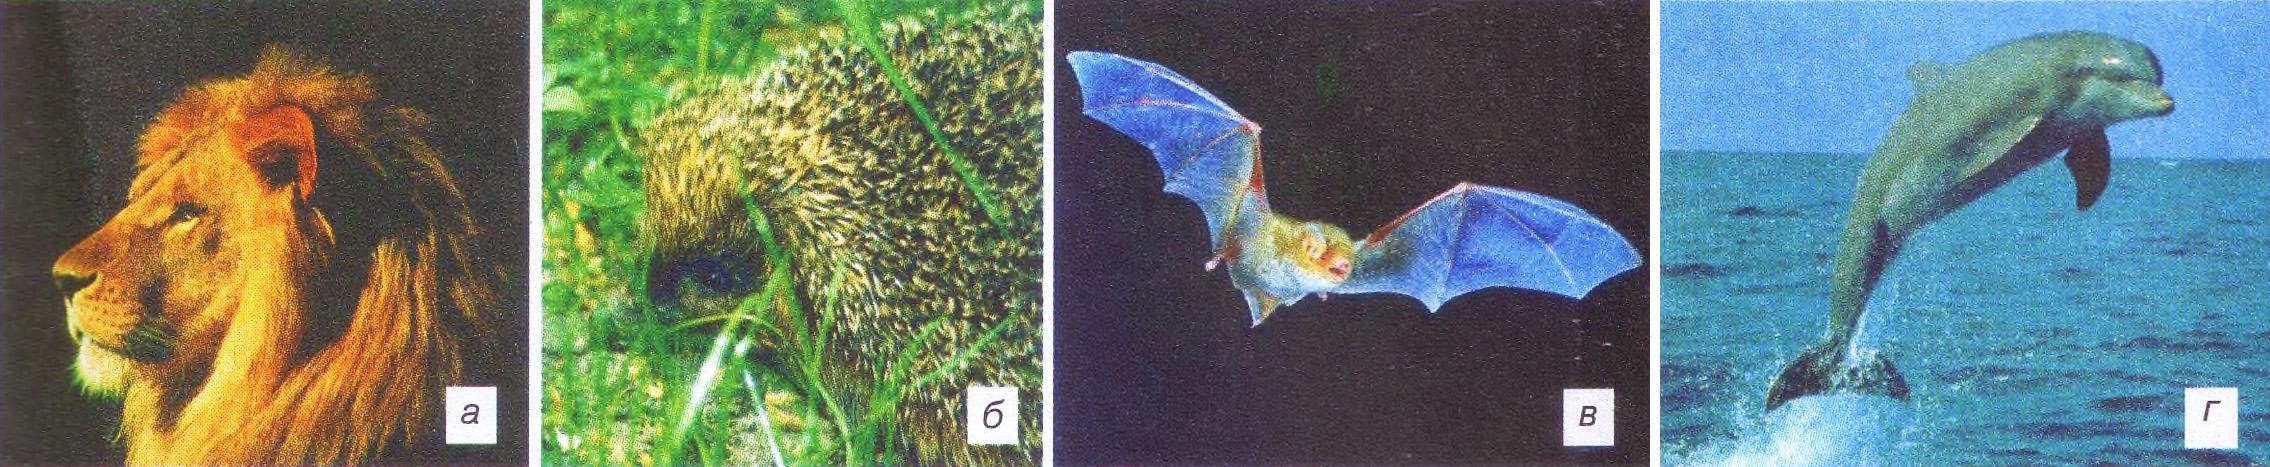 Учение Ч Дарвина о естественном отборе дарвинизм Биология  Рис 163 Все заметные признаки этих видов млекопитающих а грива у льва б иголки у ежа в крылья у летучей мыши г голая кожа у дельфина являются